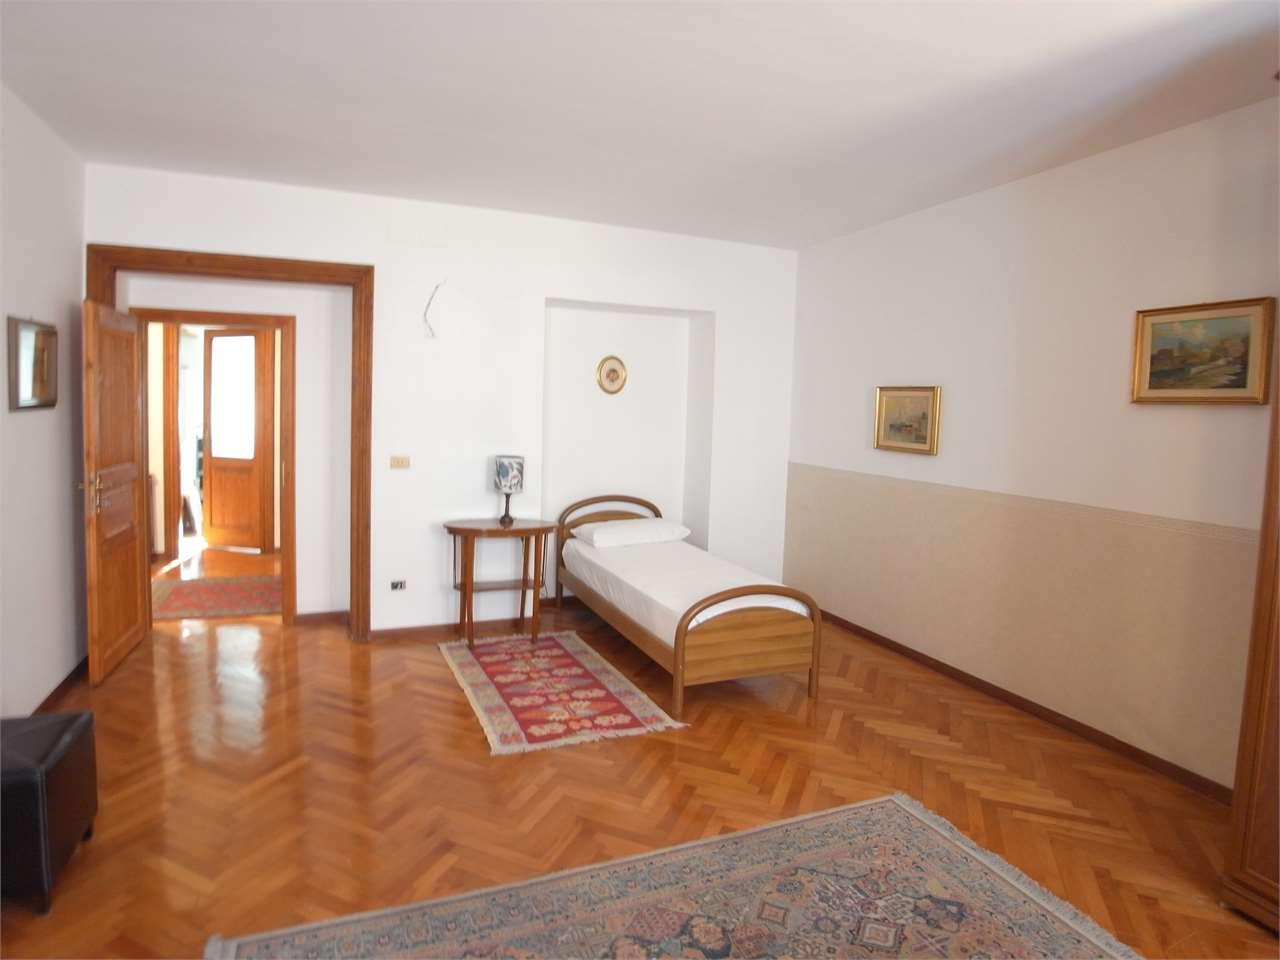 Appartamento in affitto a Trieste, 1 locali, zona Zona: Centro, prezzo € 315   CambioCasa.it